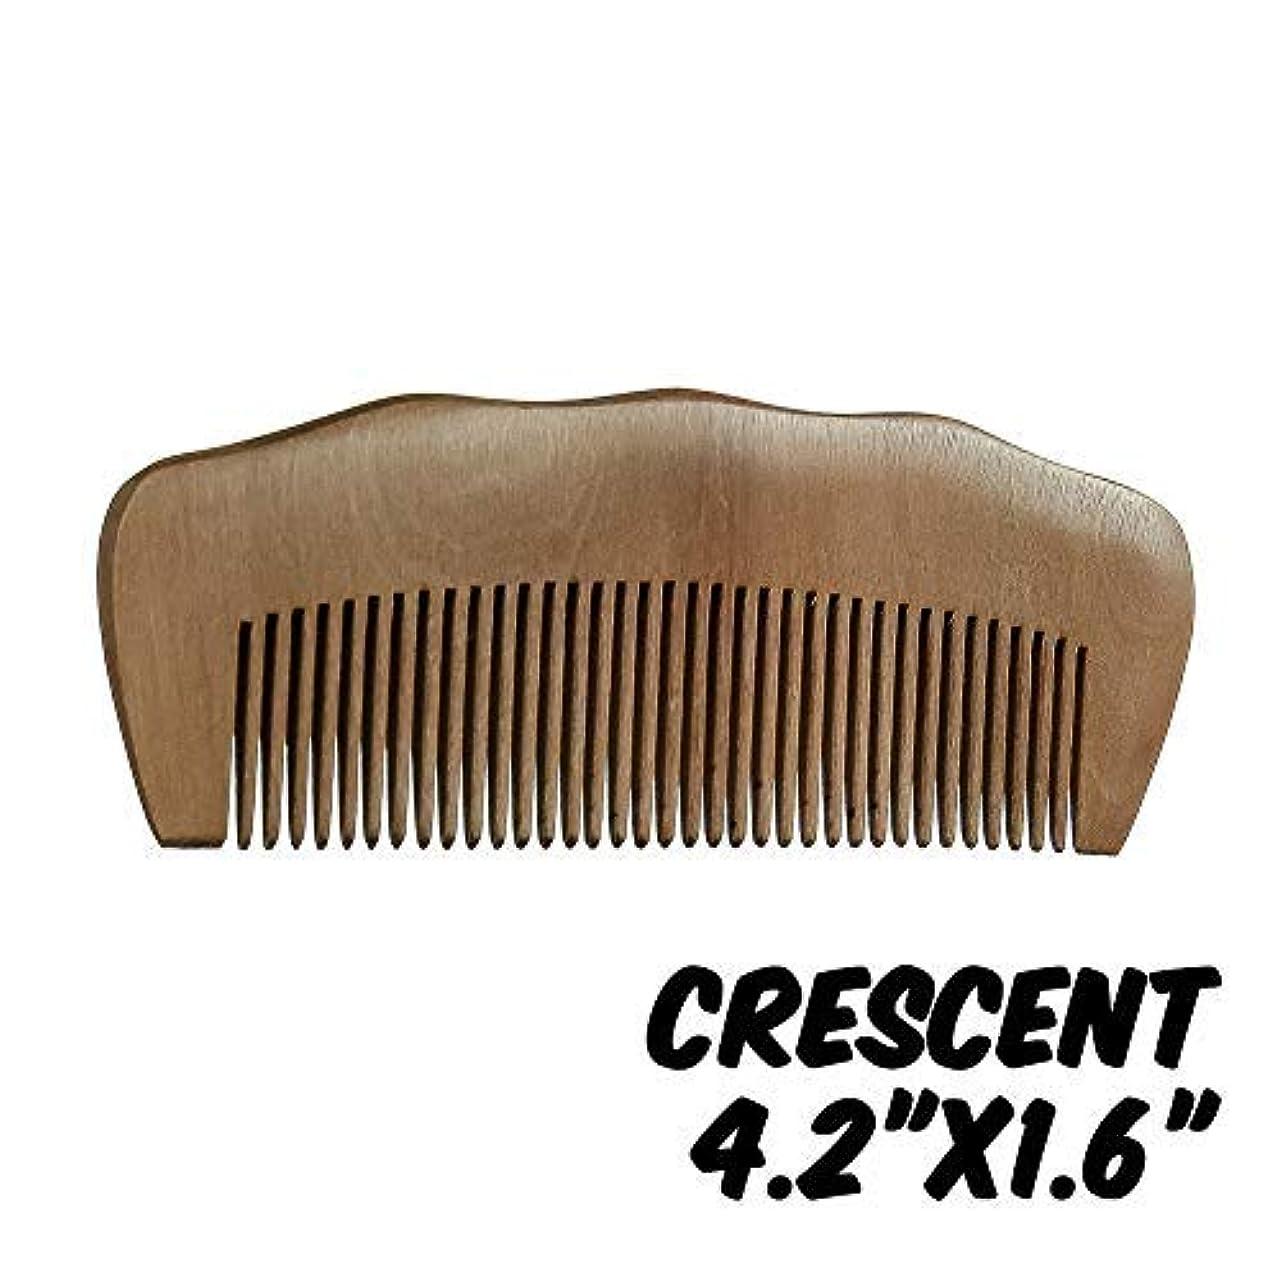 恩恵駐地作曲家Markin Arts Crescent Series Handmade Natural Organic Indian Lilac Wood Anti-Static Hypoallergenic Pocket Handle Dry Comb Healthy Shiny Hair Beard Bristle Stubble Styling Grooming Brush 4.2